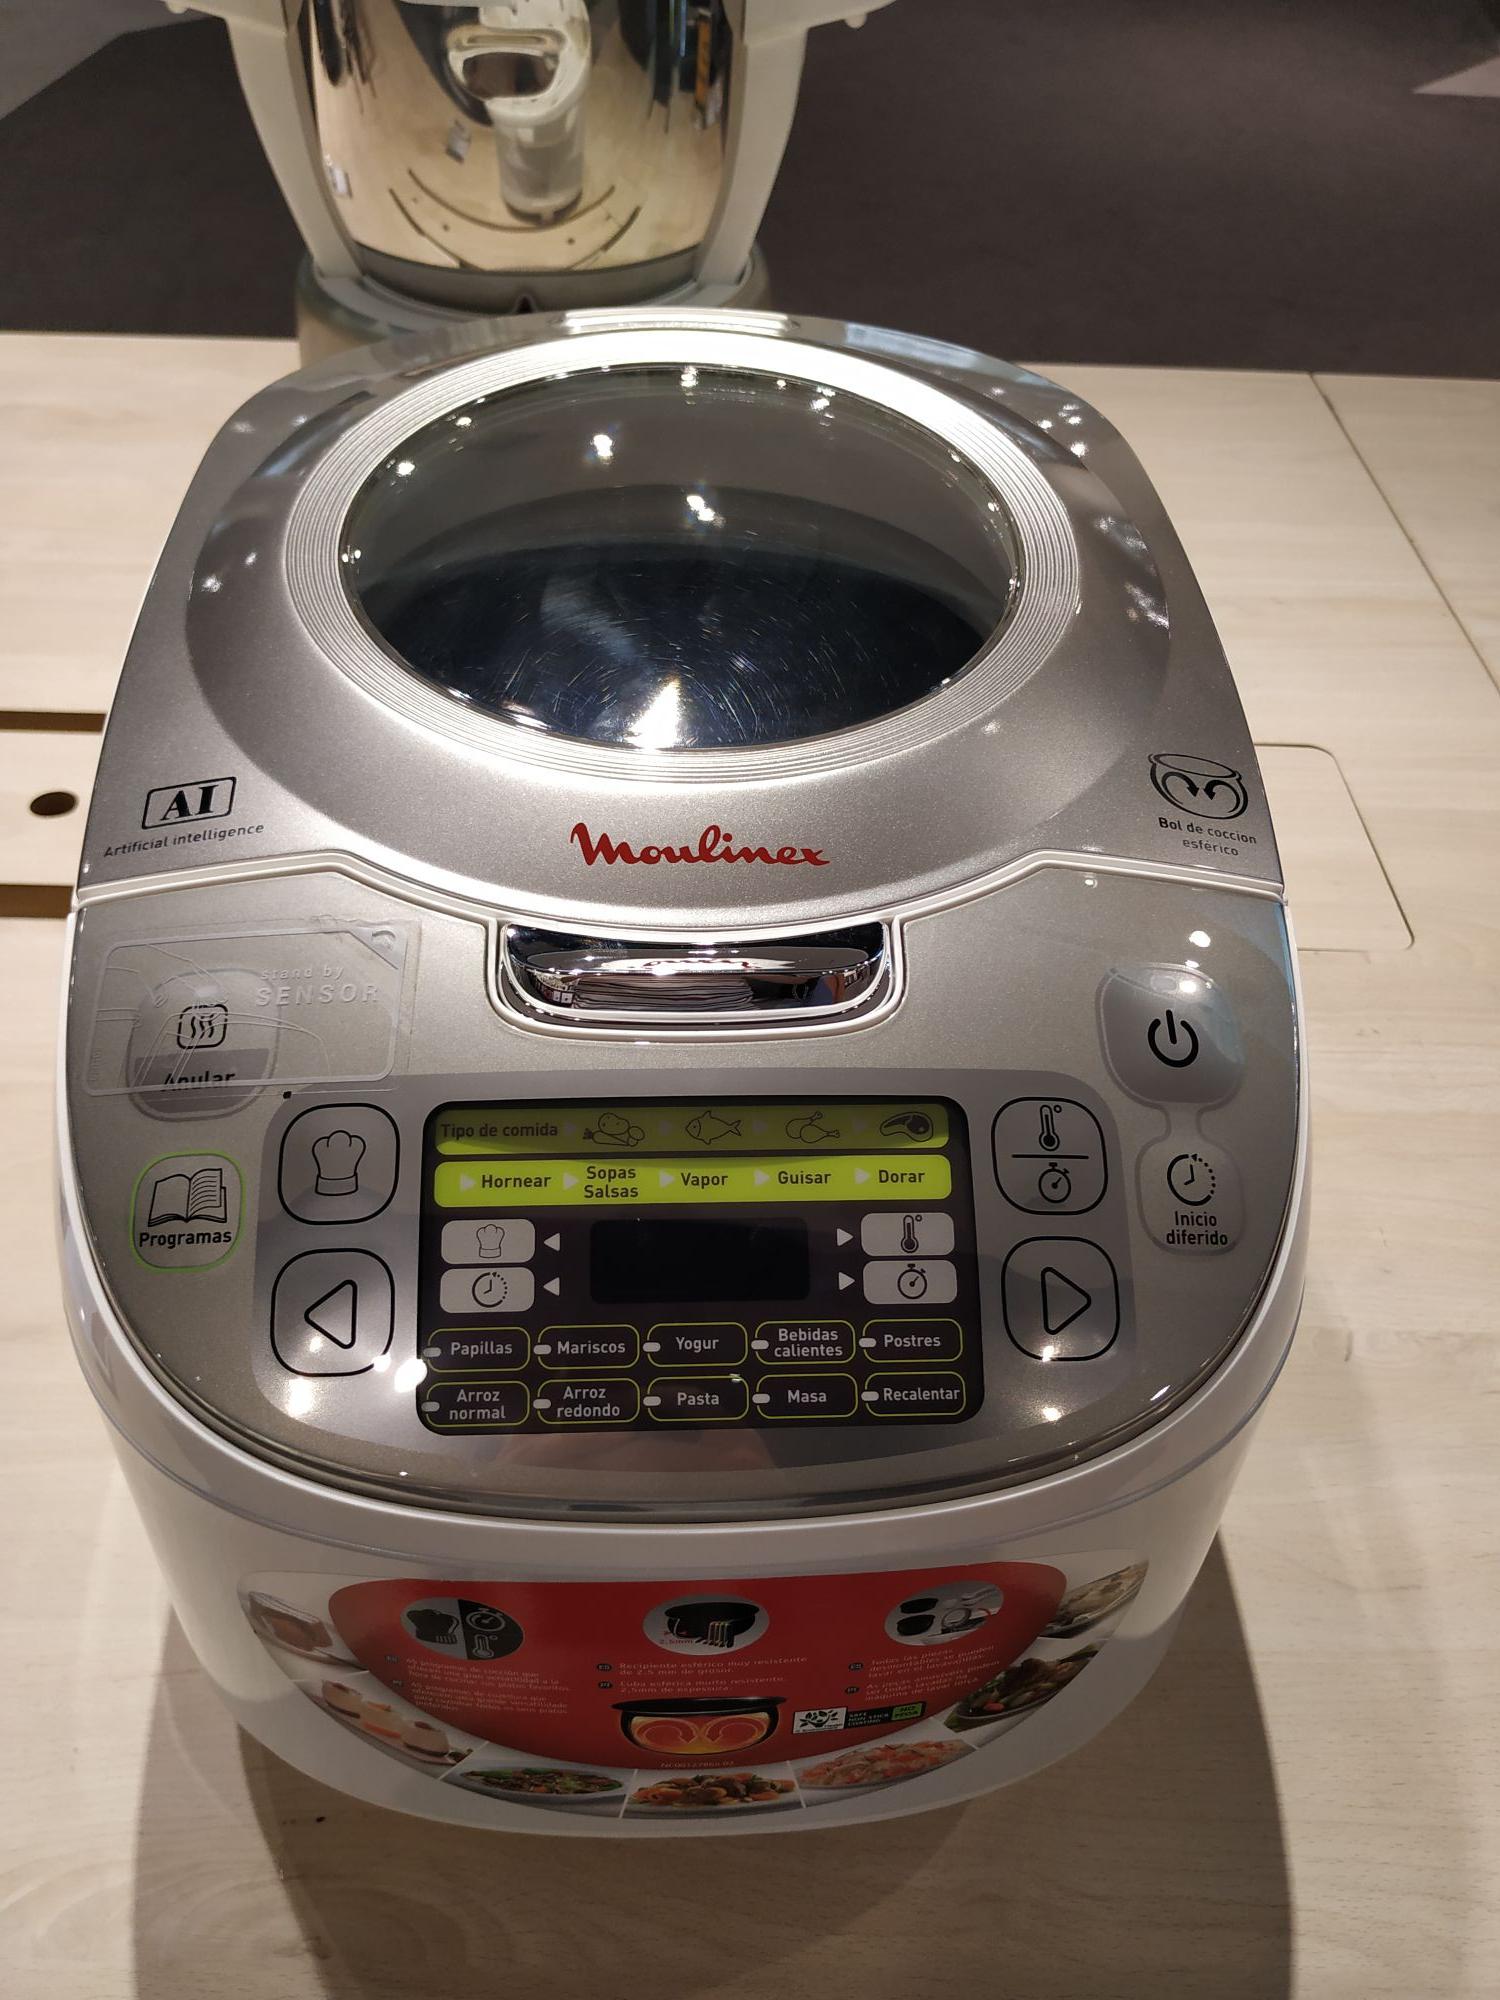 Robot de Cocina MOULINEX MAXICHEF ADVANCED en Fnac de Las Arenas (Plaza España), Barcelona